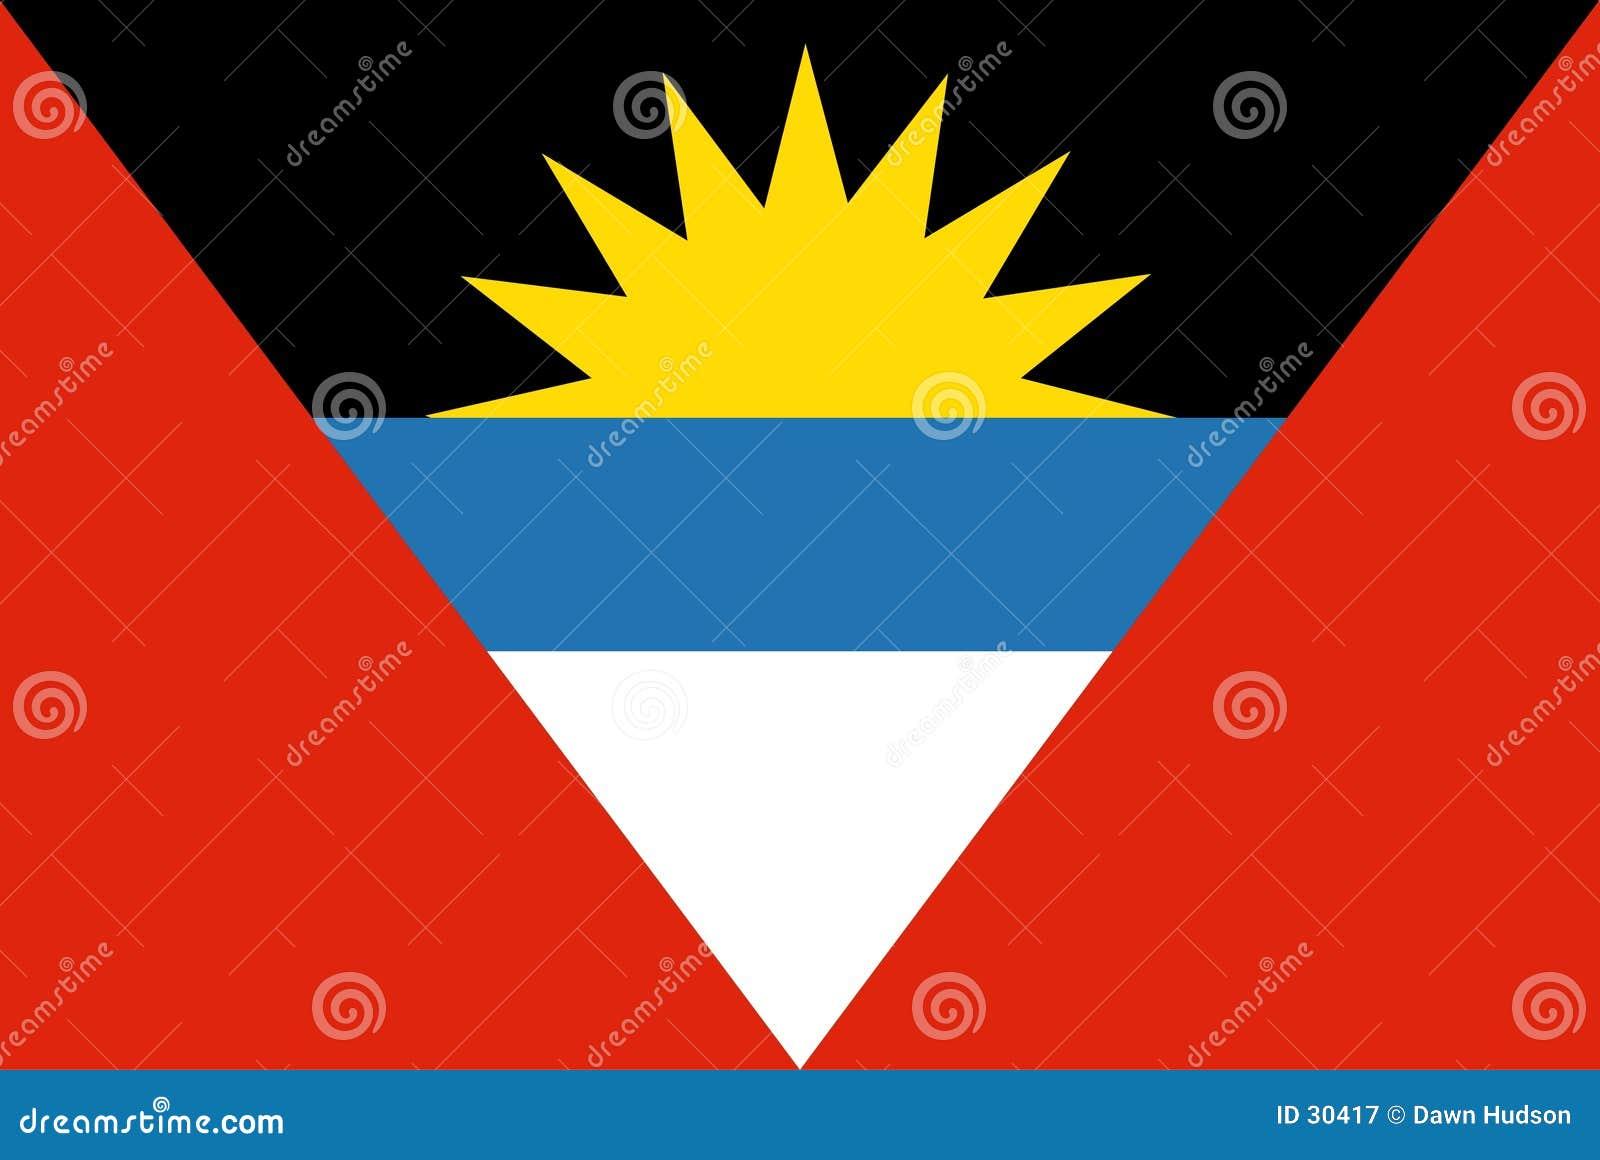 L Antigua e Barbuda